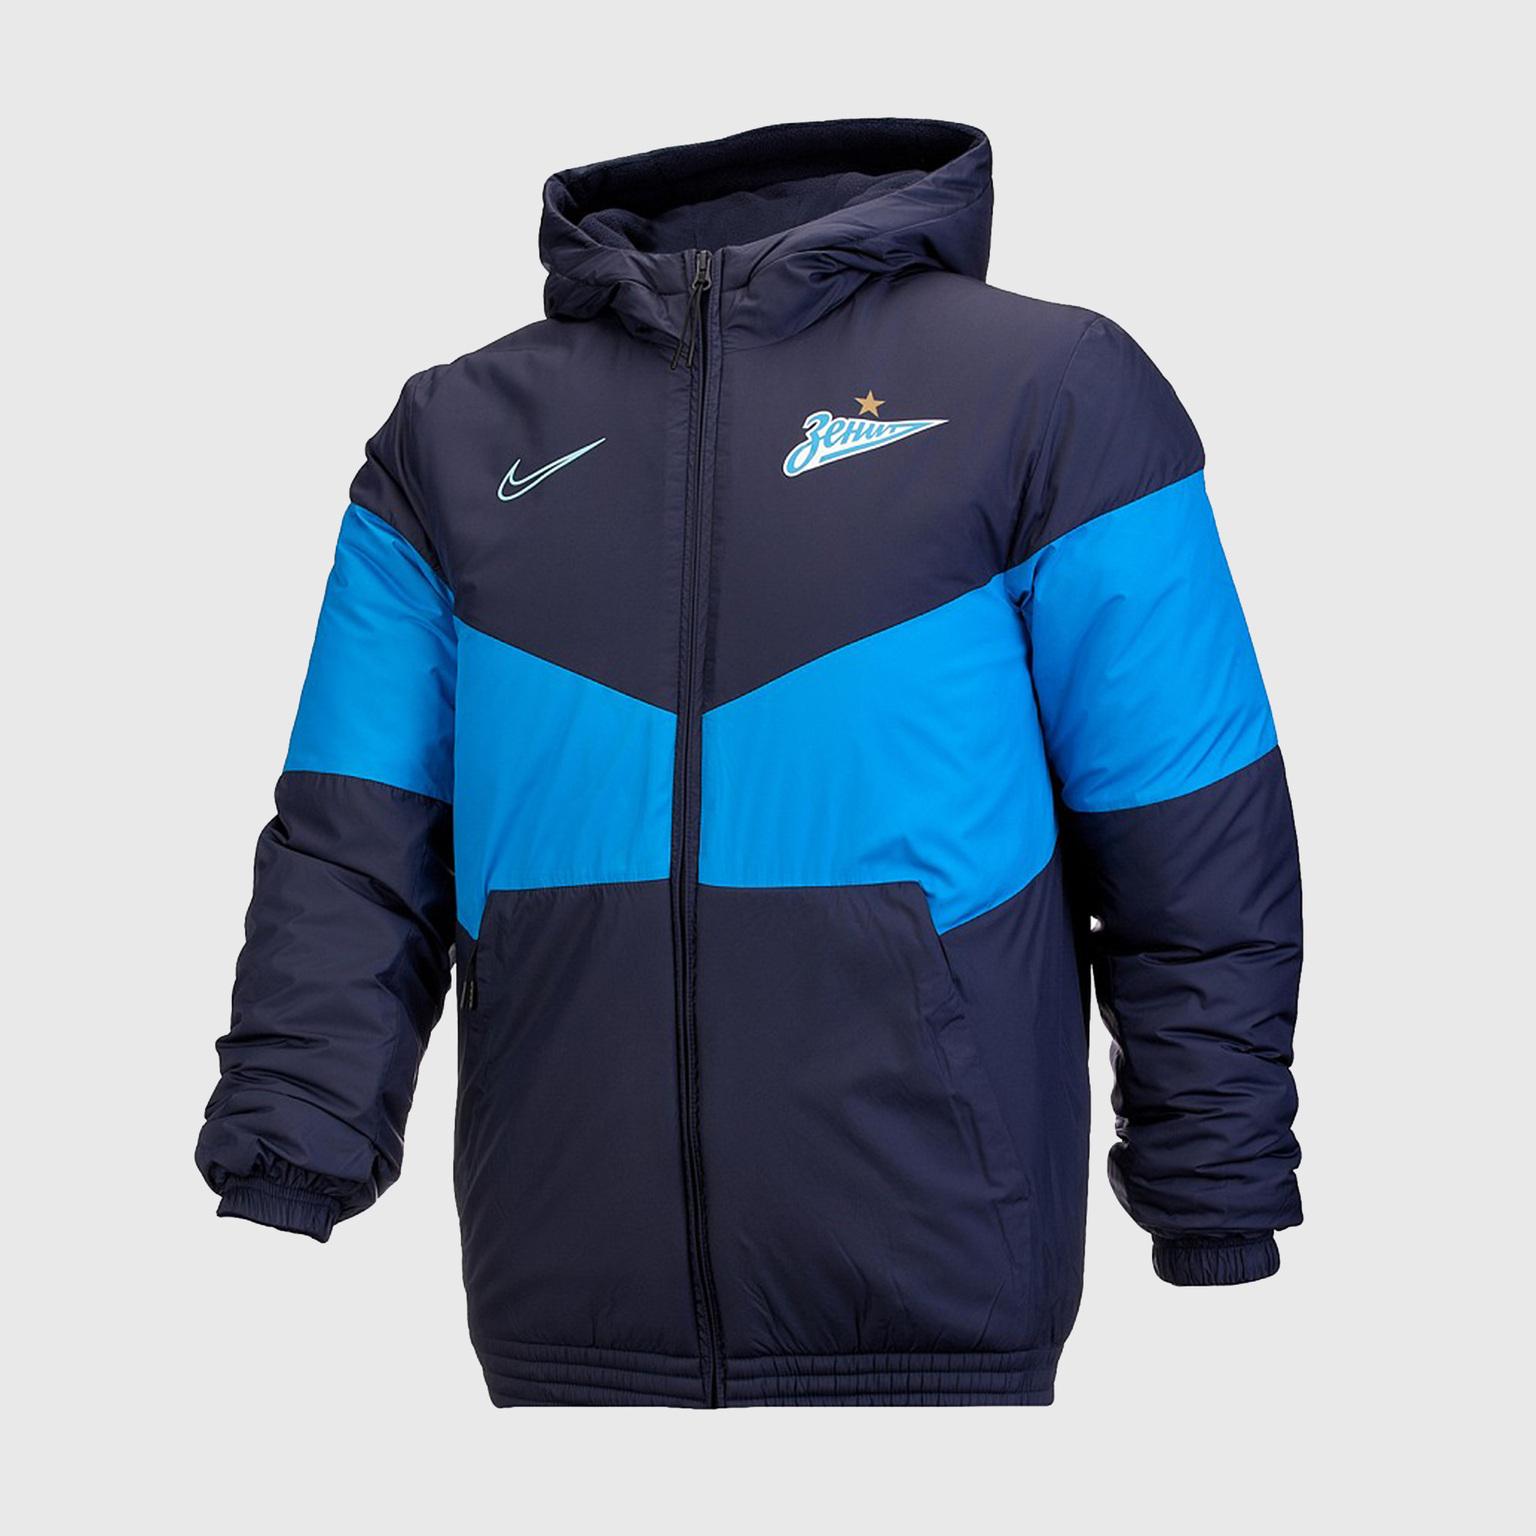 Куртка утепленная Nike Zenit AO9058-498 куртка утепленная подростковая nike цвет синий